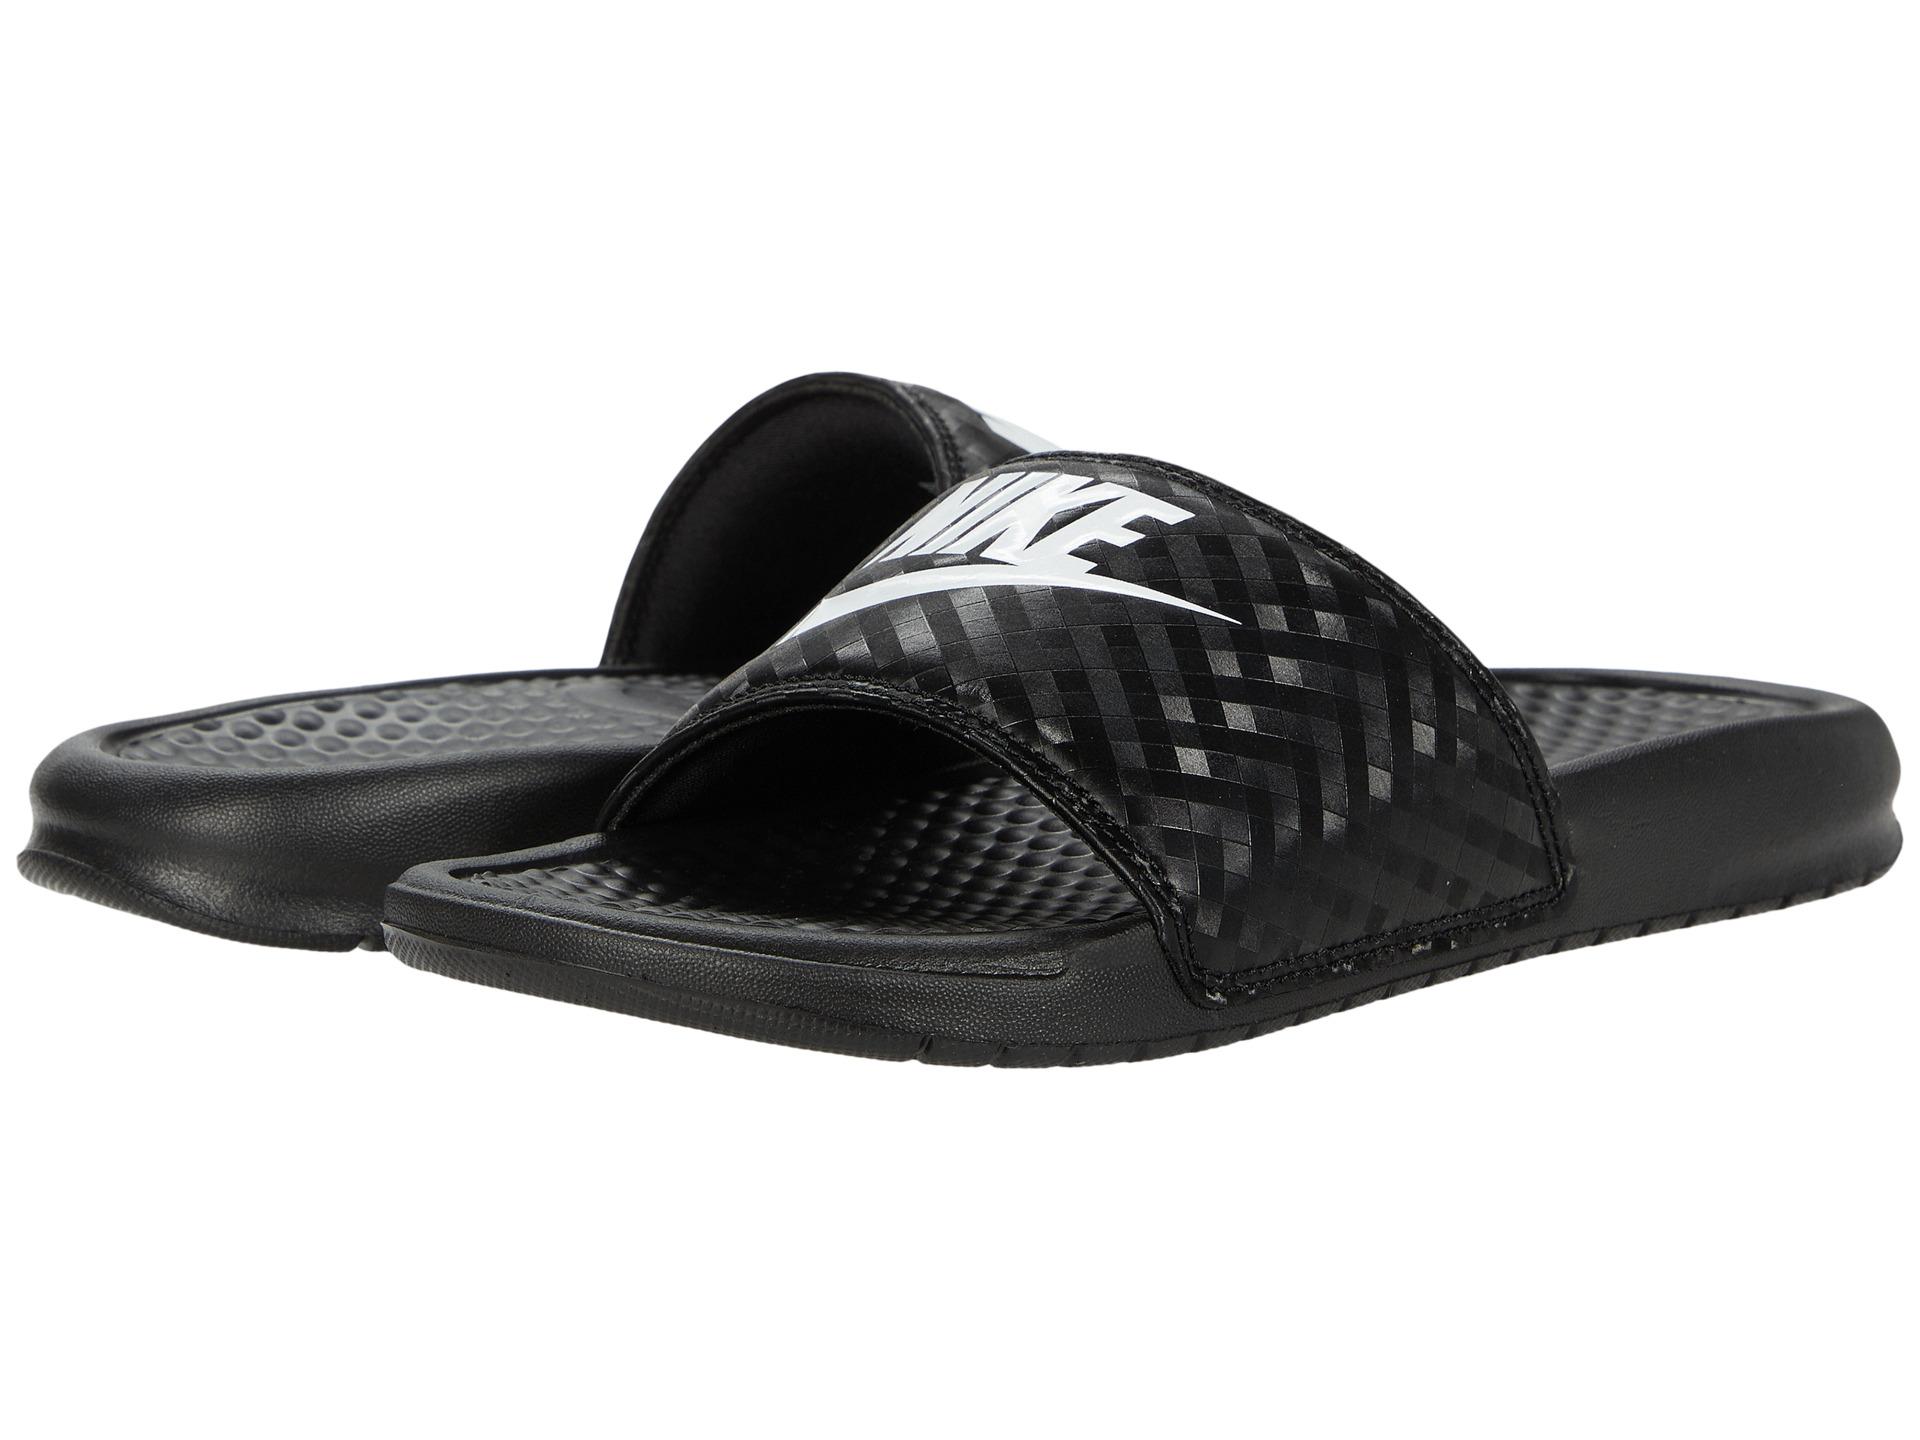 Nike Benassi Jdi Slide Zappos Com Free Shipping Both Ways